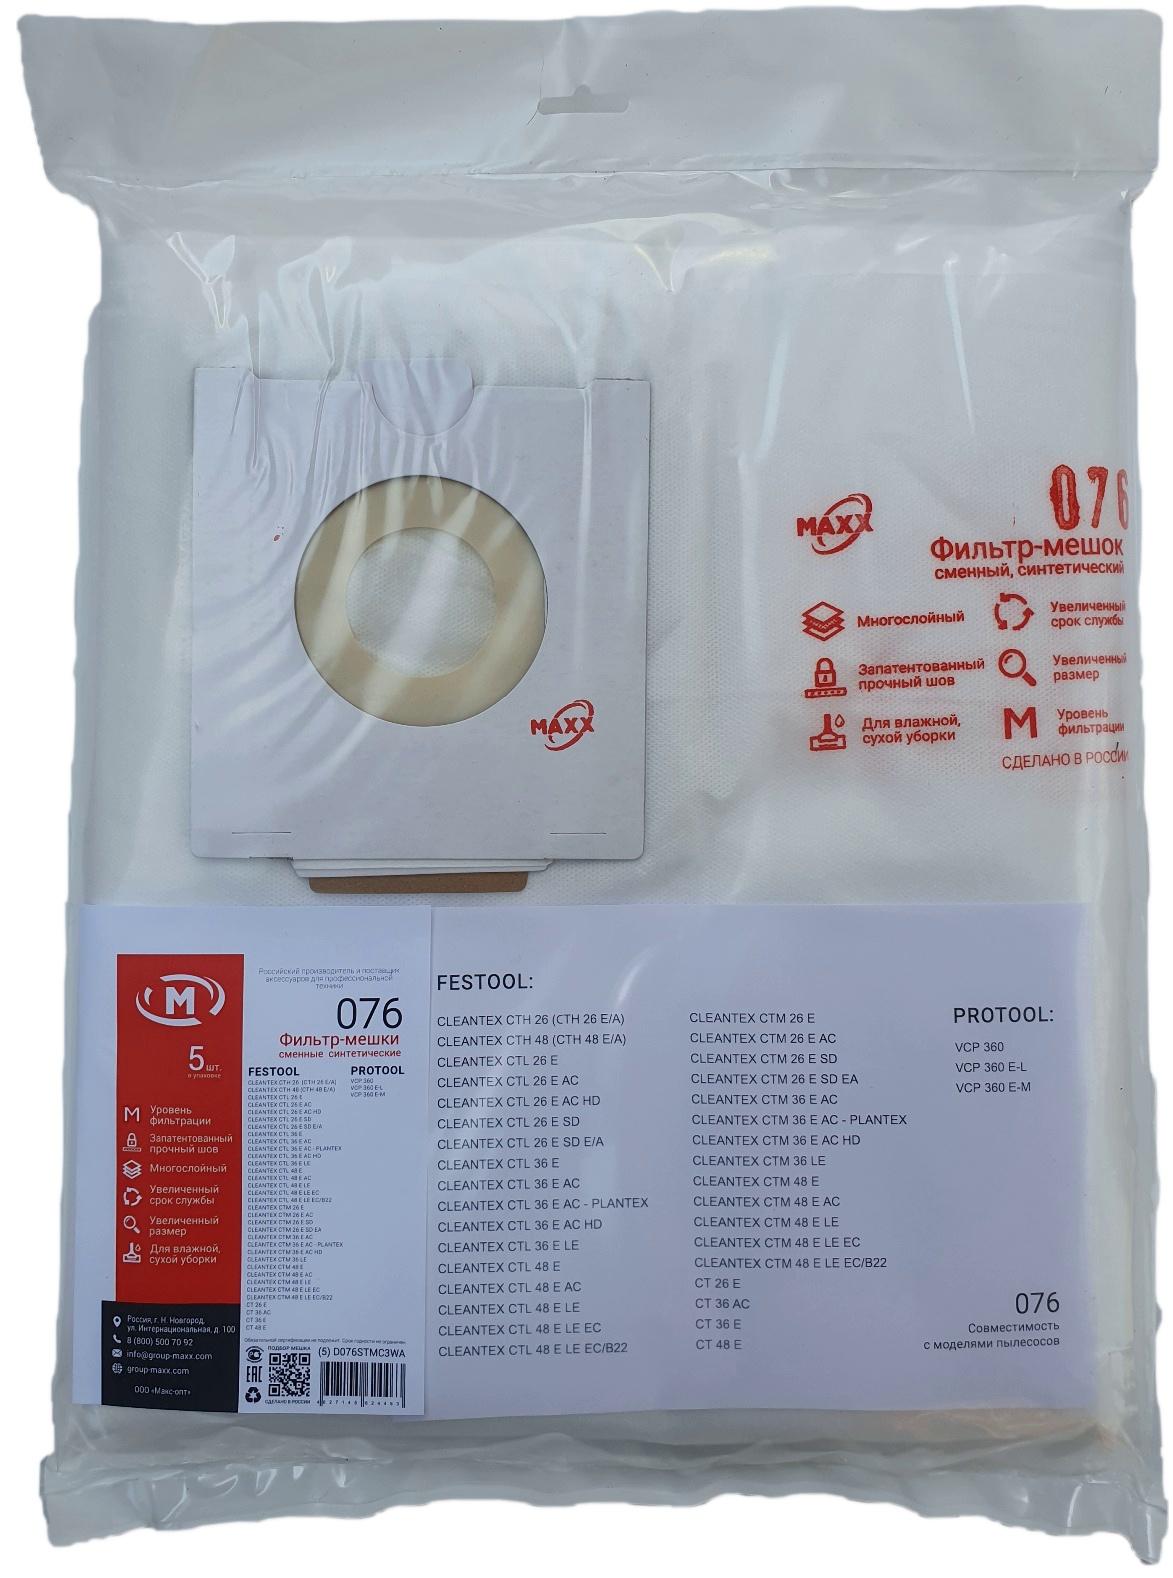 цена на Пылесборники MAXX 076 для промышленных пылесосов, 5 шт.